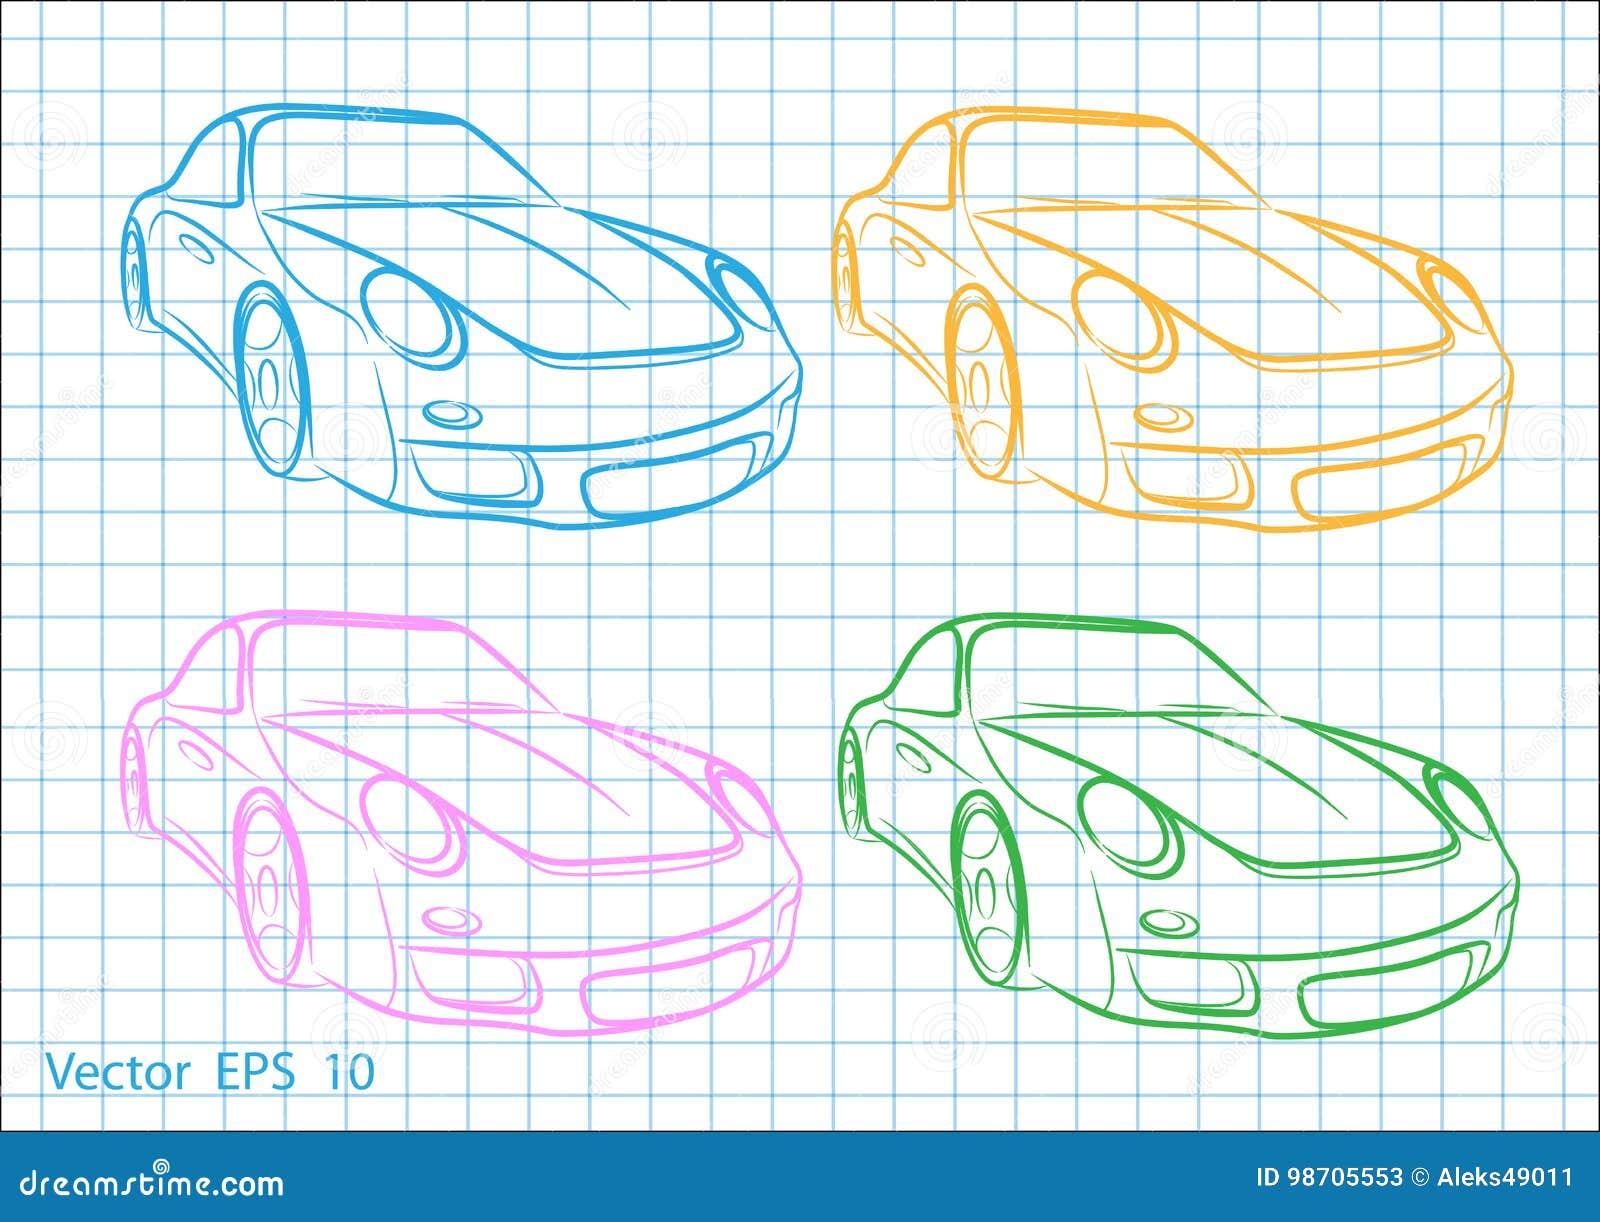 Croquis d une voiture stock illustrations vecteurs clipart 651 stock illustrations - Croquis voiture ...